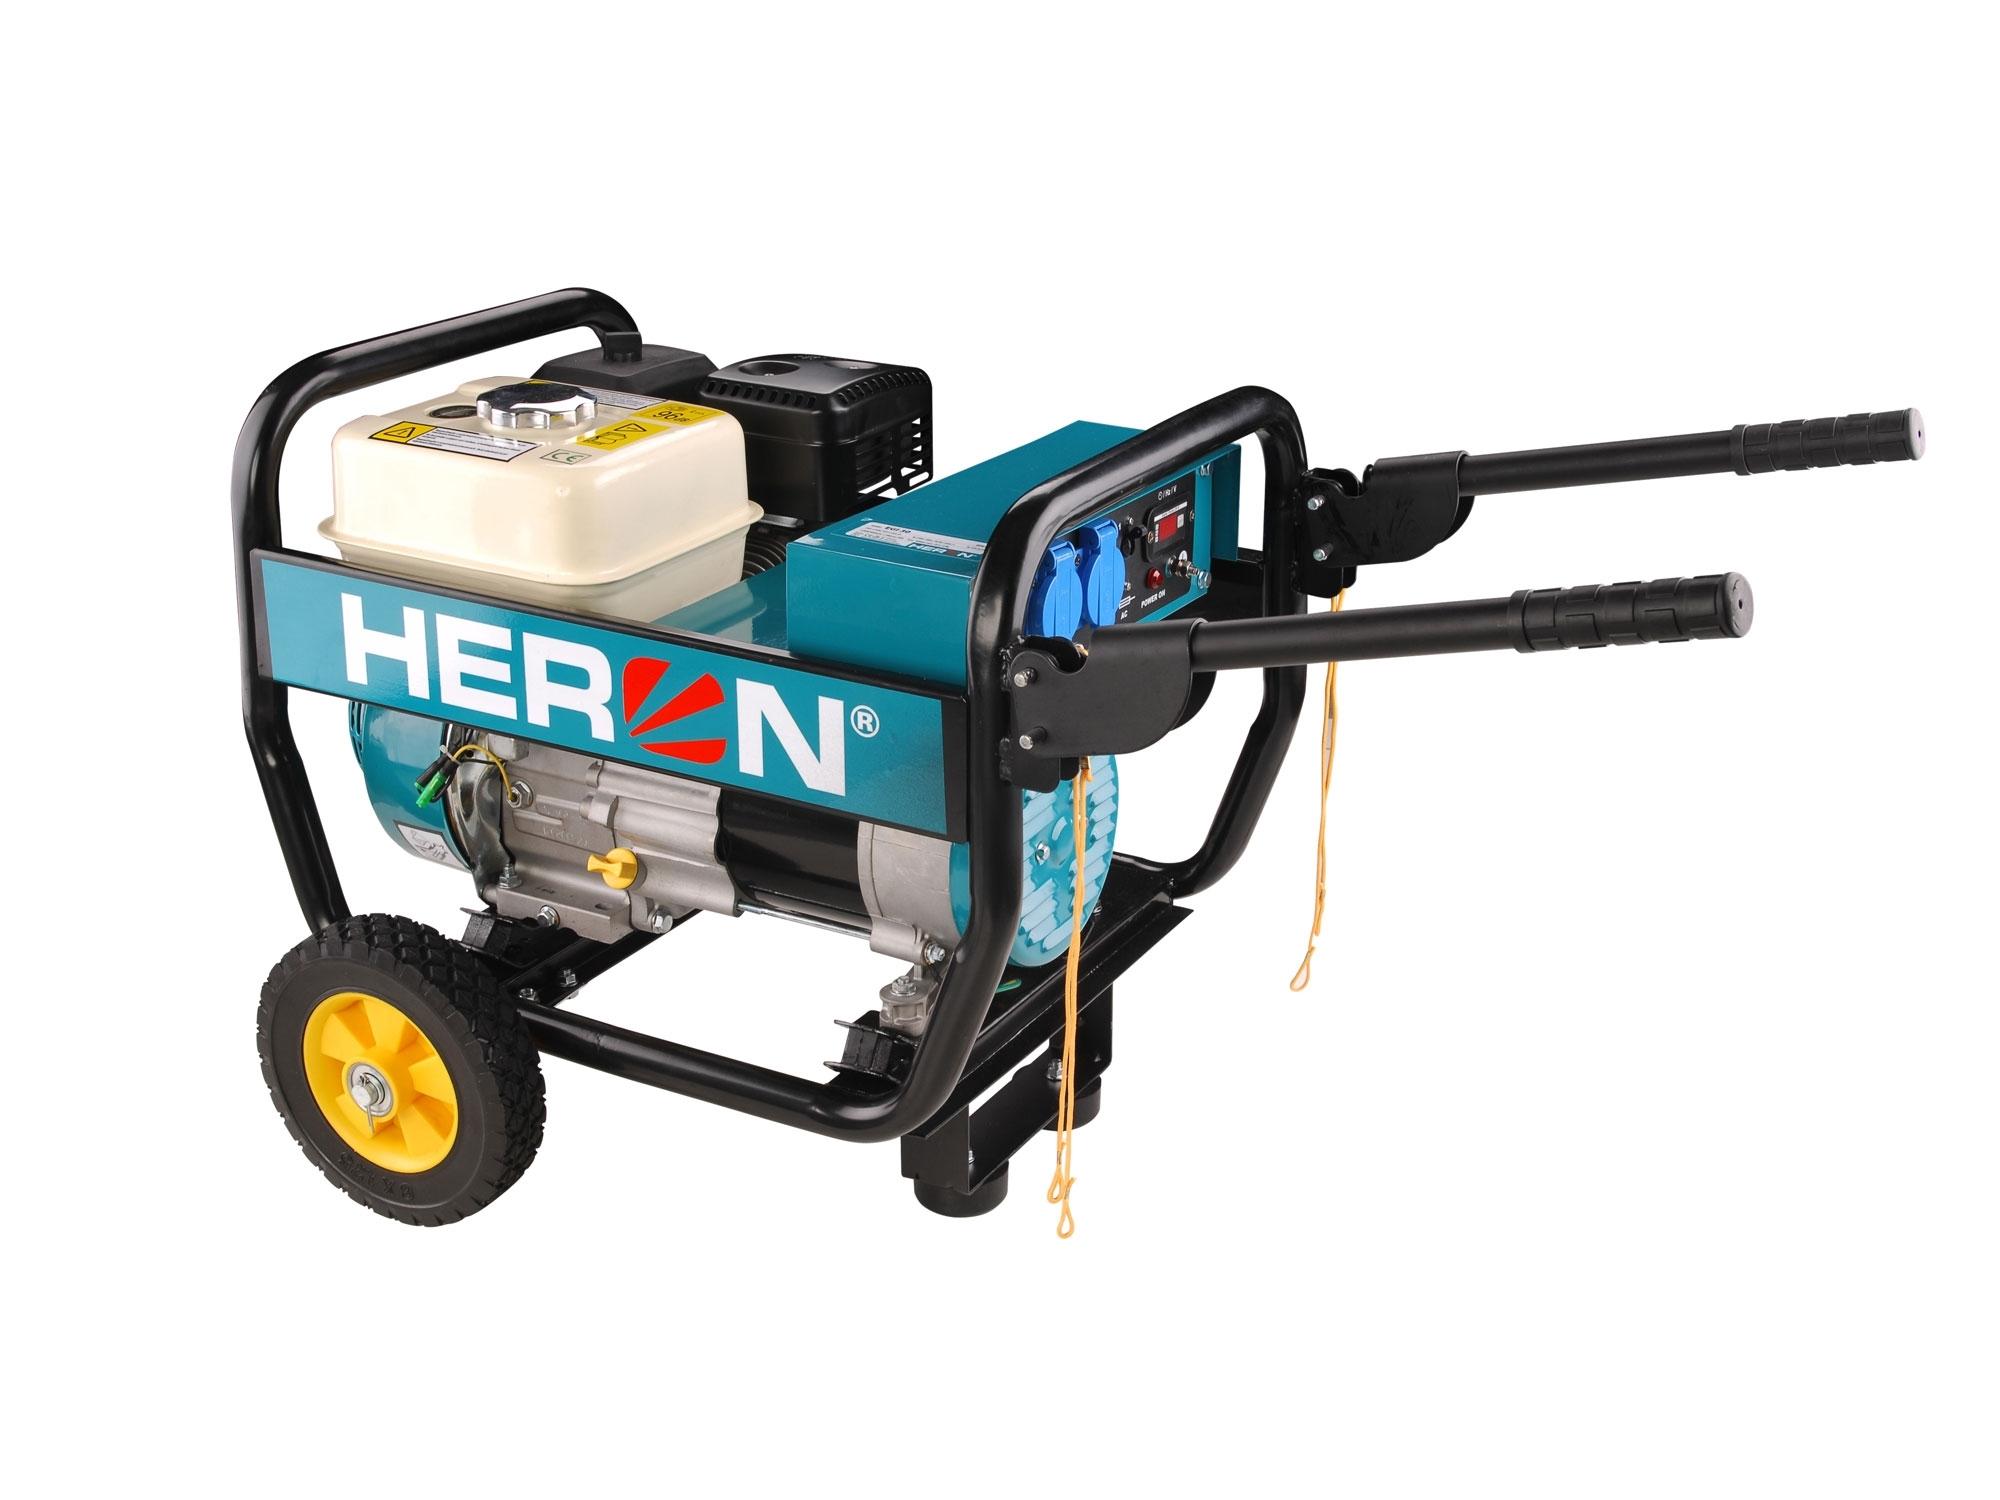 elektrocentrála benzínová 6,5HP/2,8kW, industriální, HERON, EGI 30 8896131